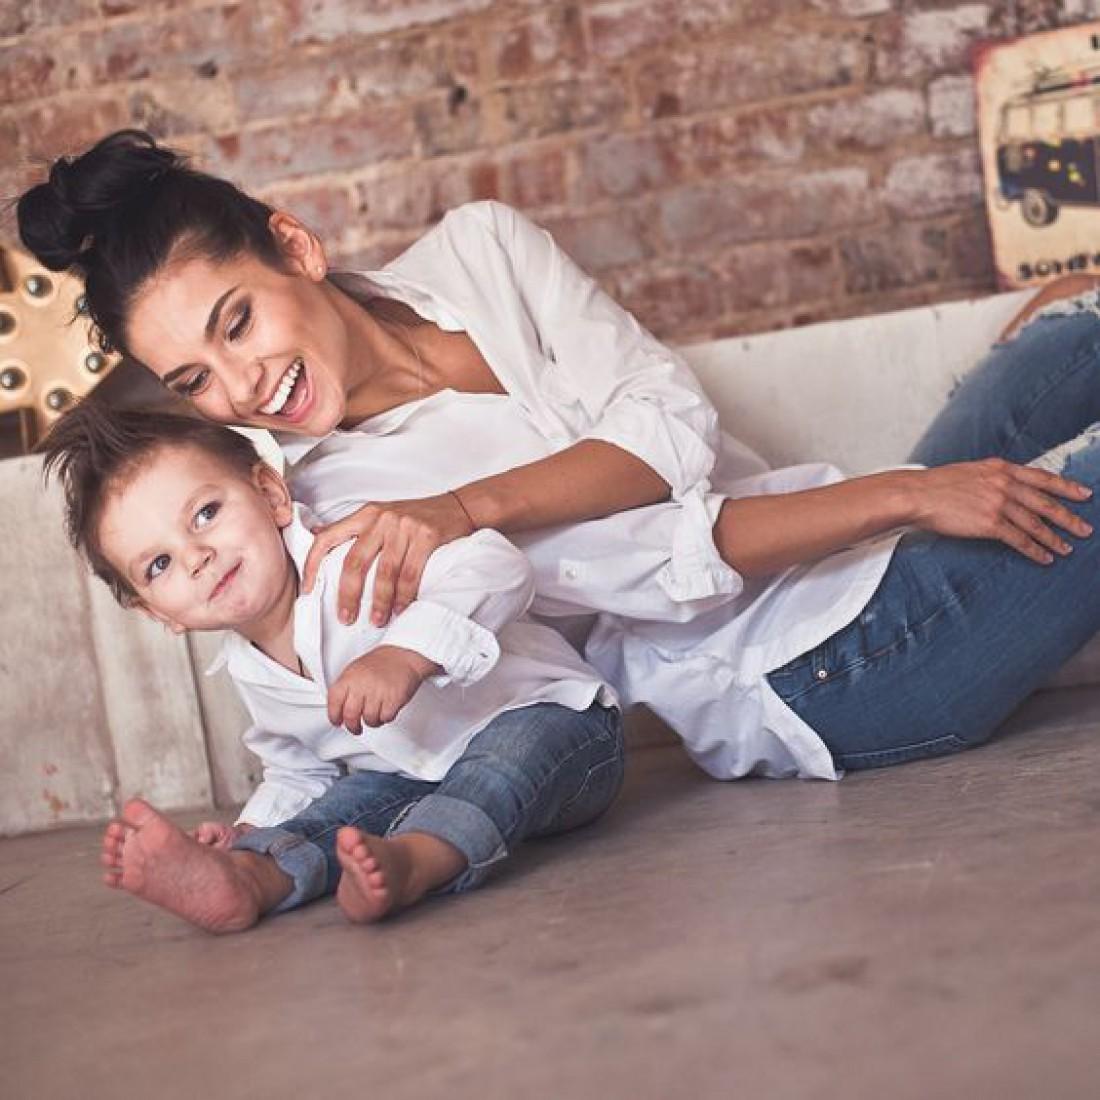 ТОП-10 главных ошибок в воспитании мальчика